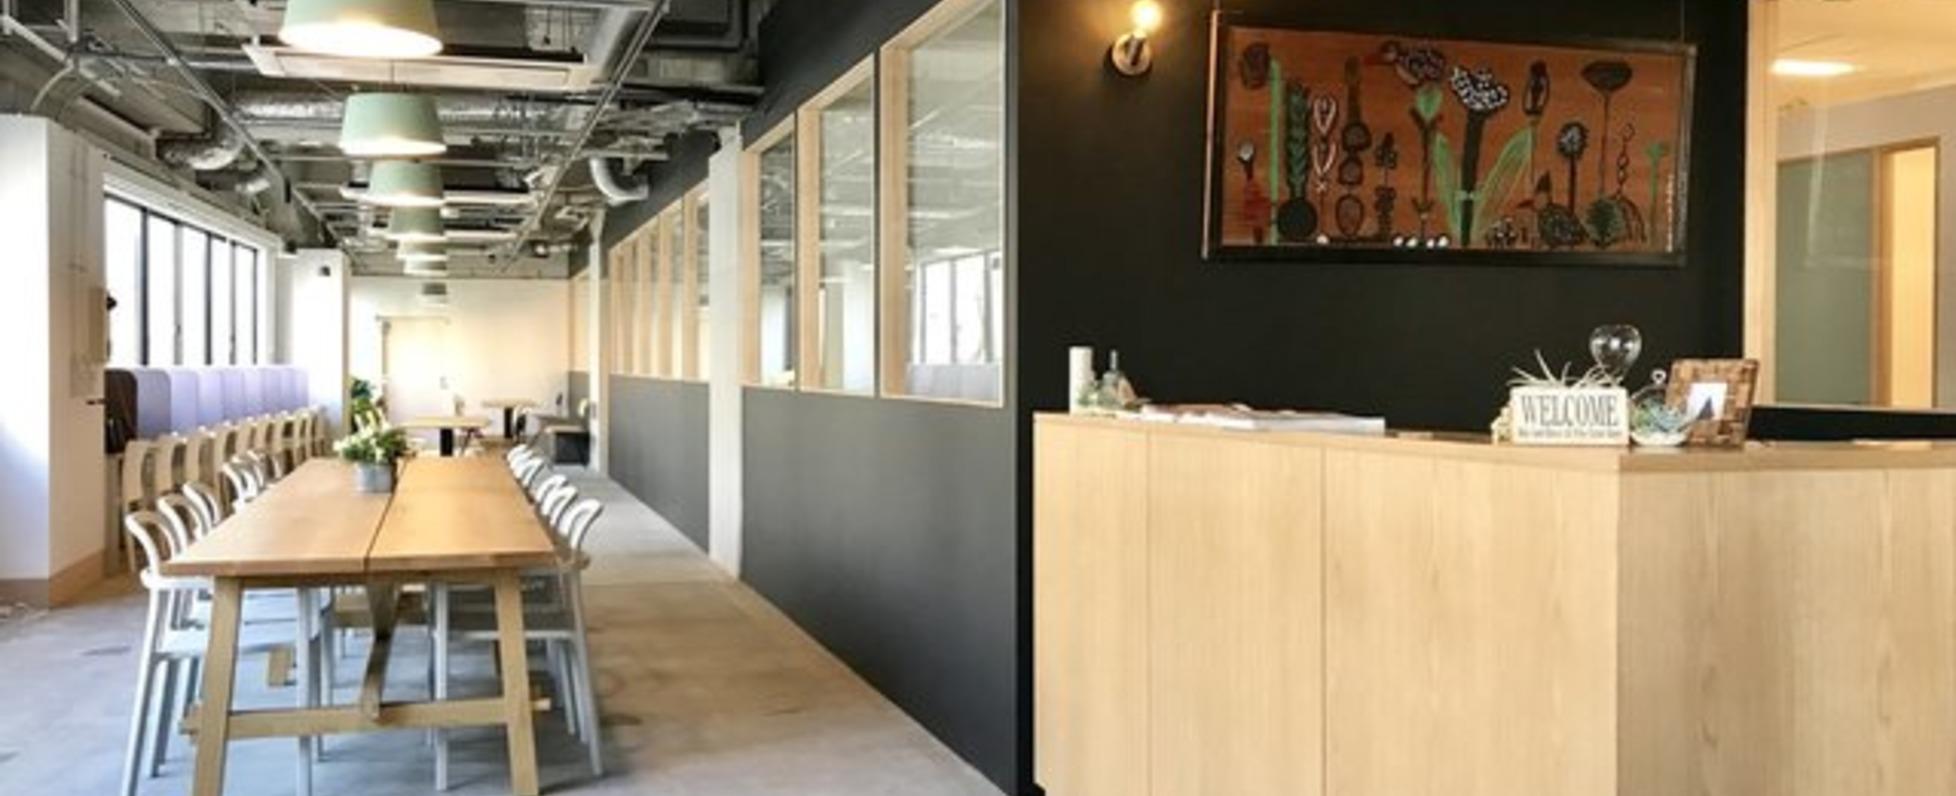 暮らし×ITを通じて「暮らすように働く」をテーマに、働き心地の良いオフィス空間を提供できるRailsエンジニアを募集!